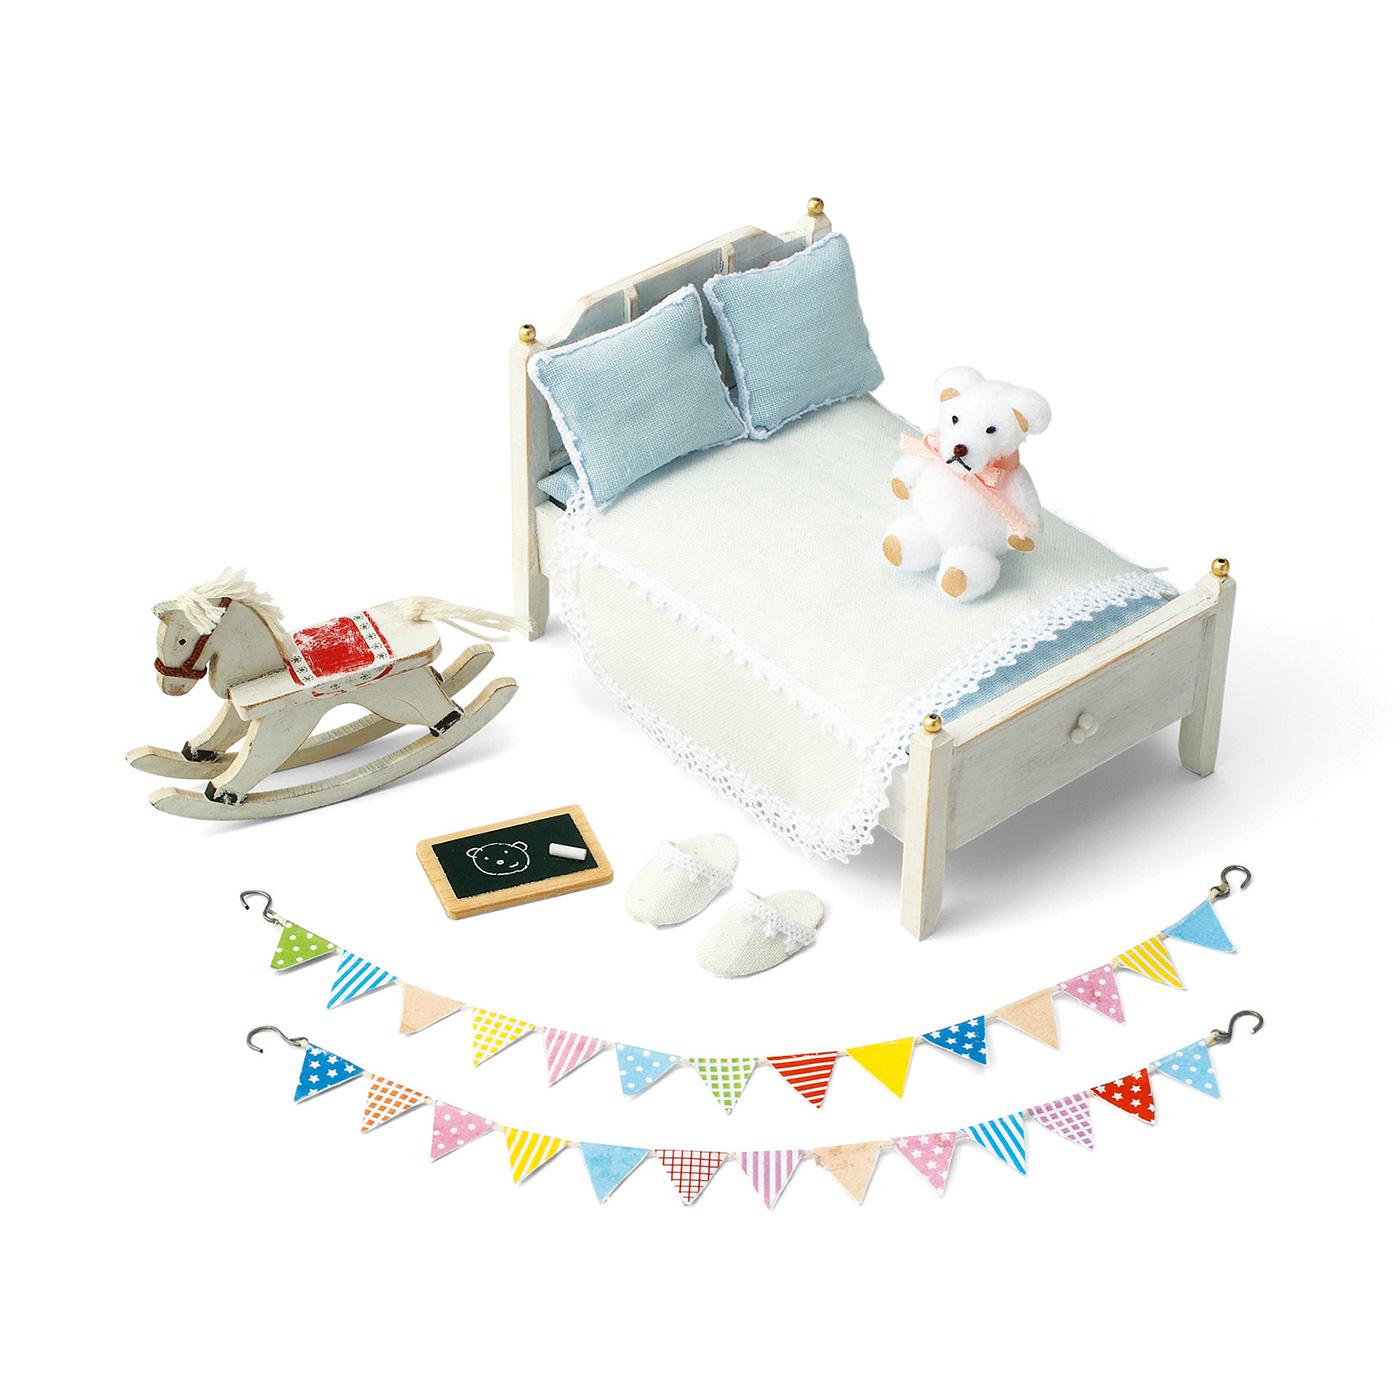 ゆらゆら木馬と夢みるベッド